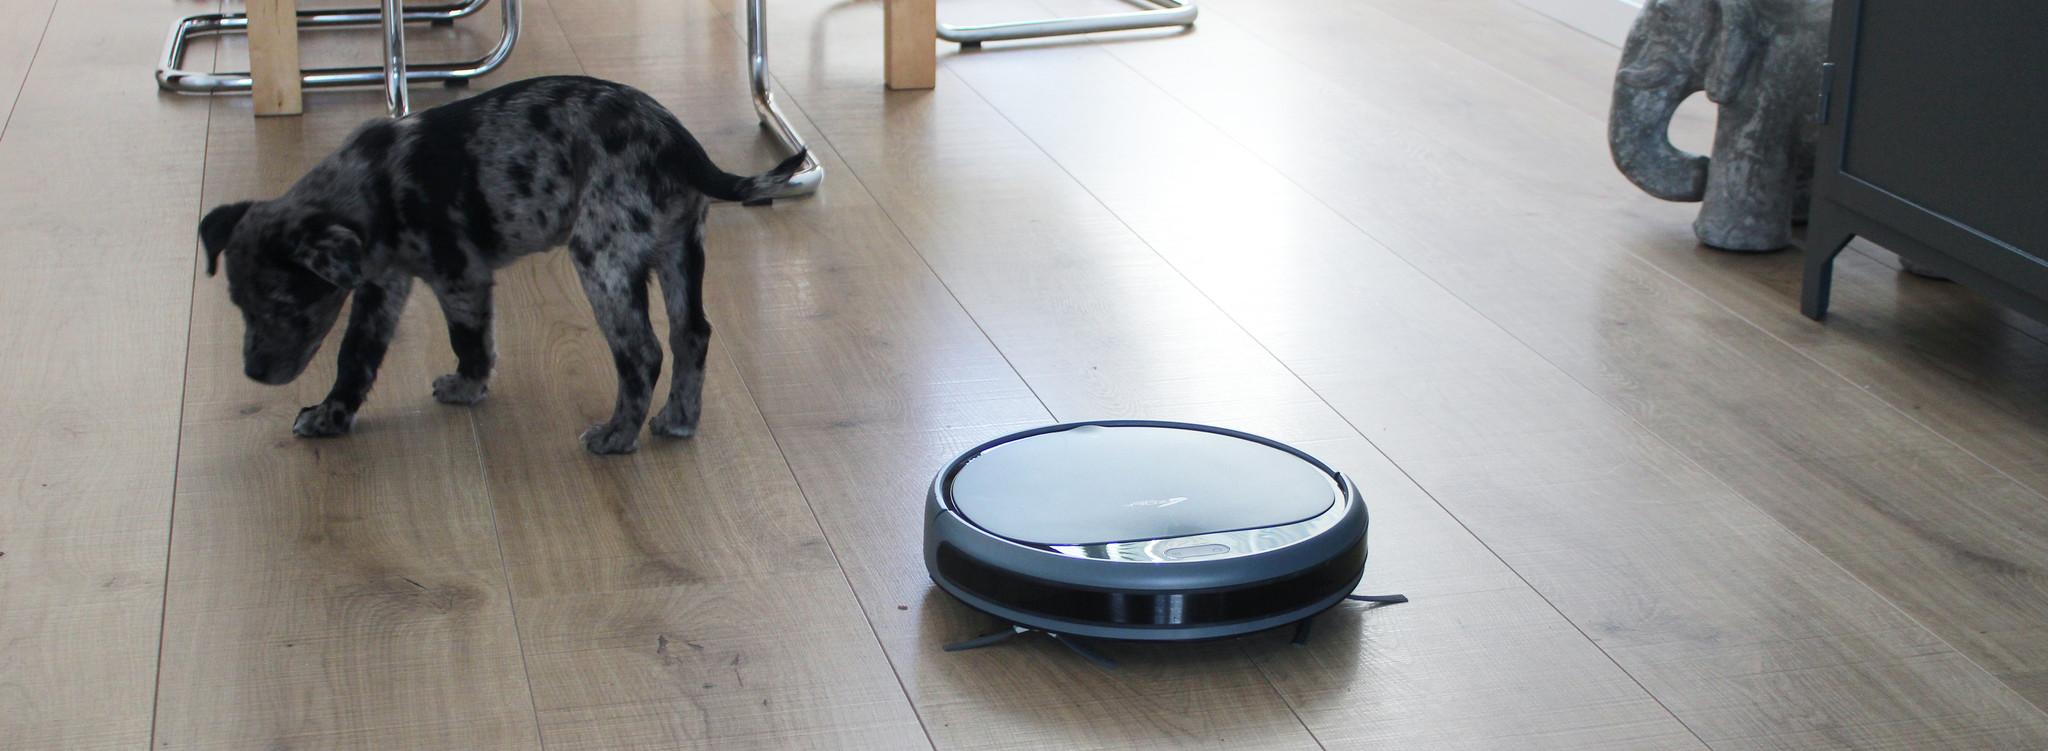 robotstofzuiger-bep-dierenharen